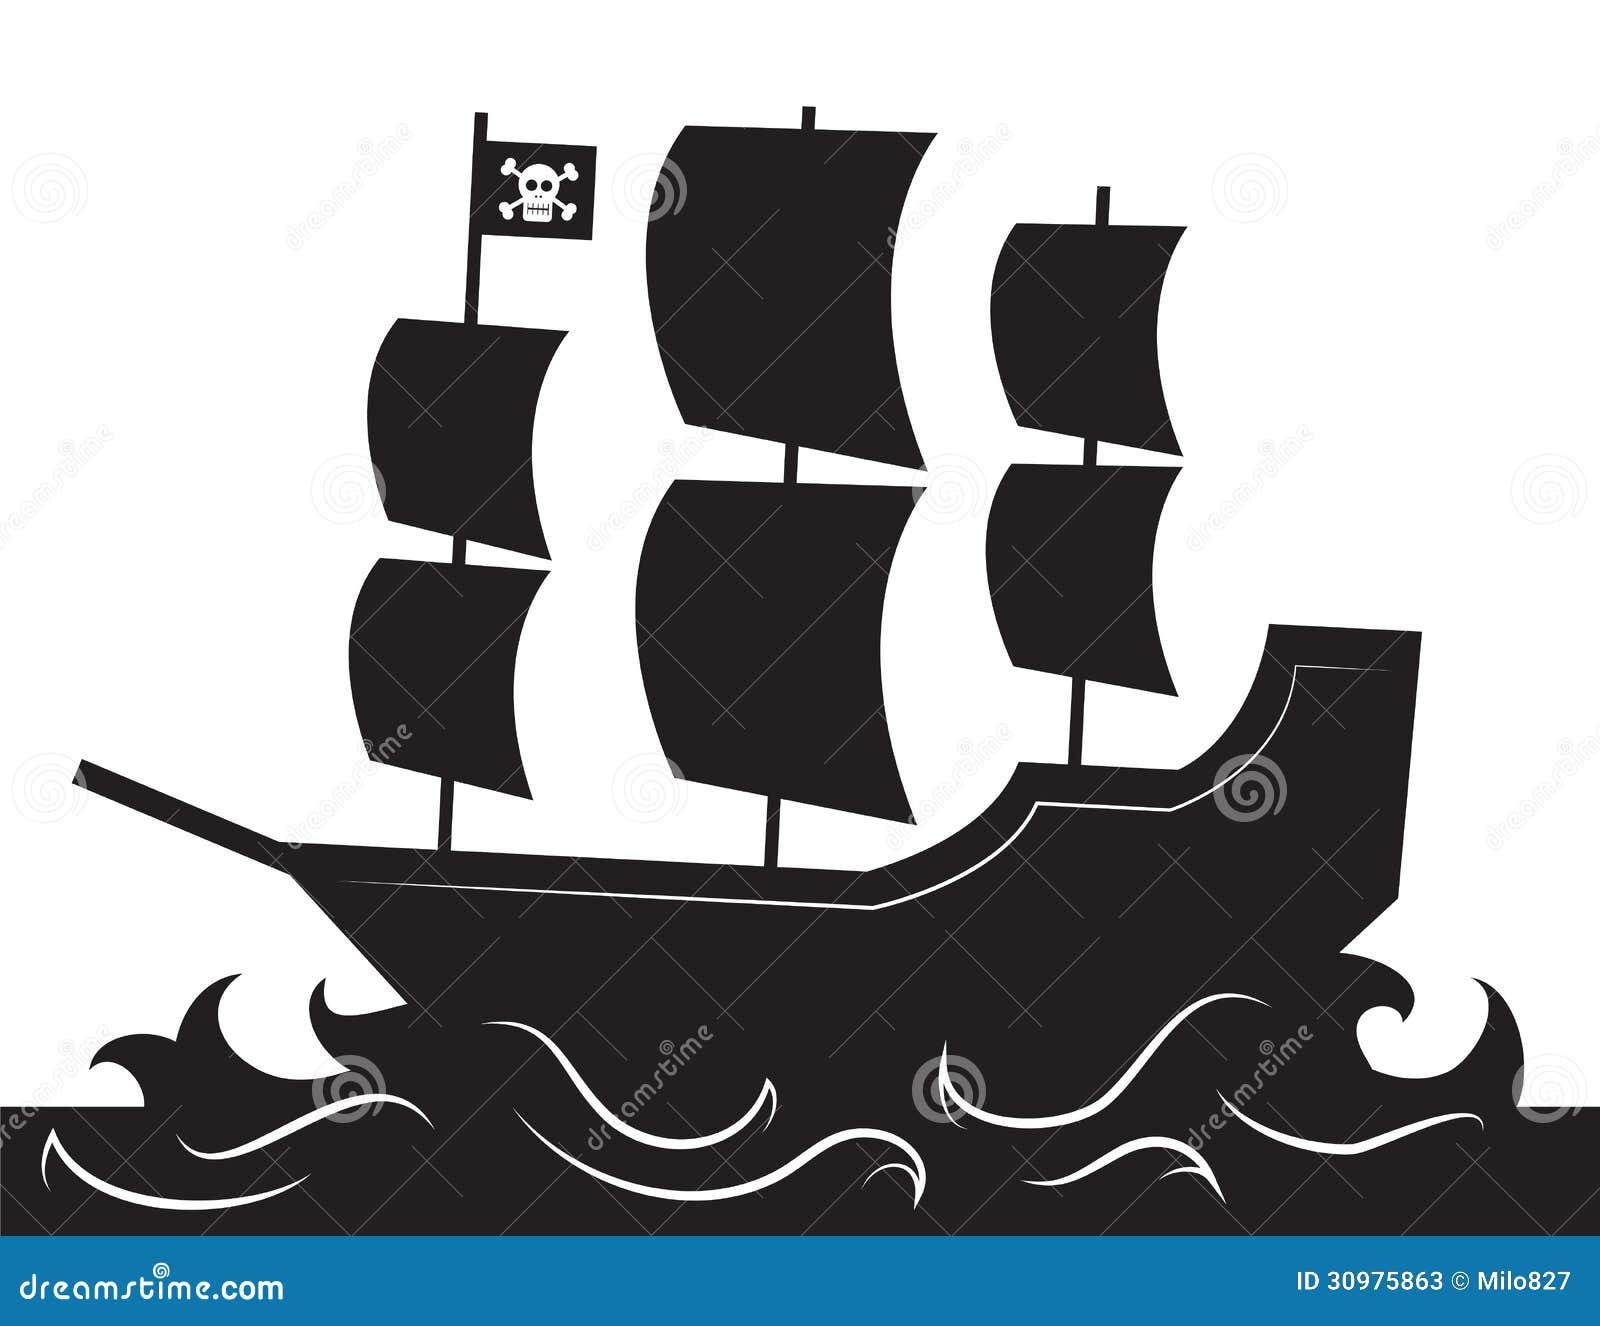 Silueta del barco pirata ilustración del vector. Ilustración de ...